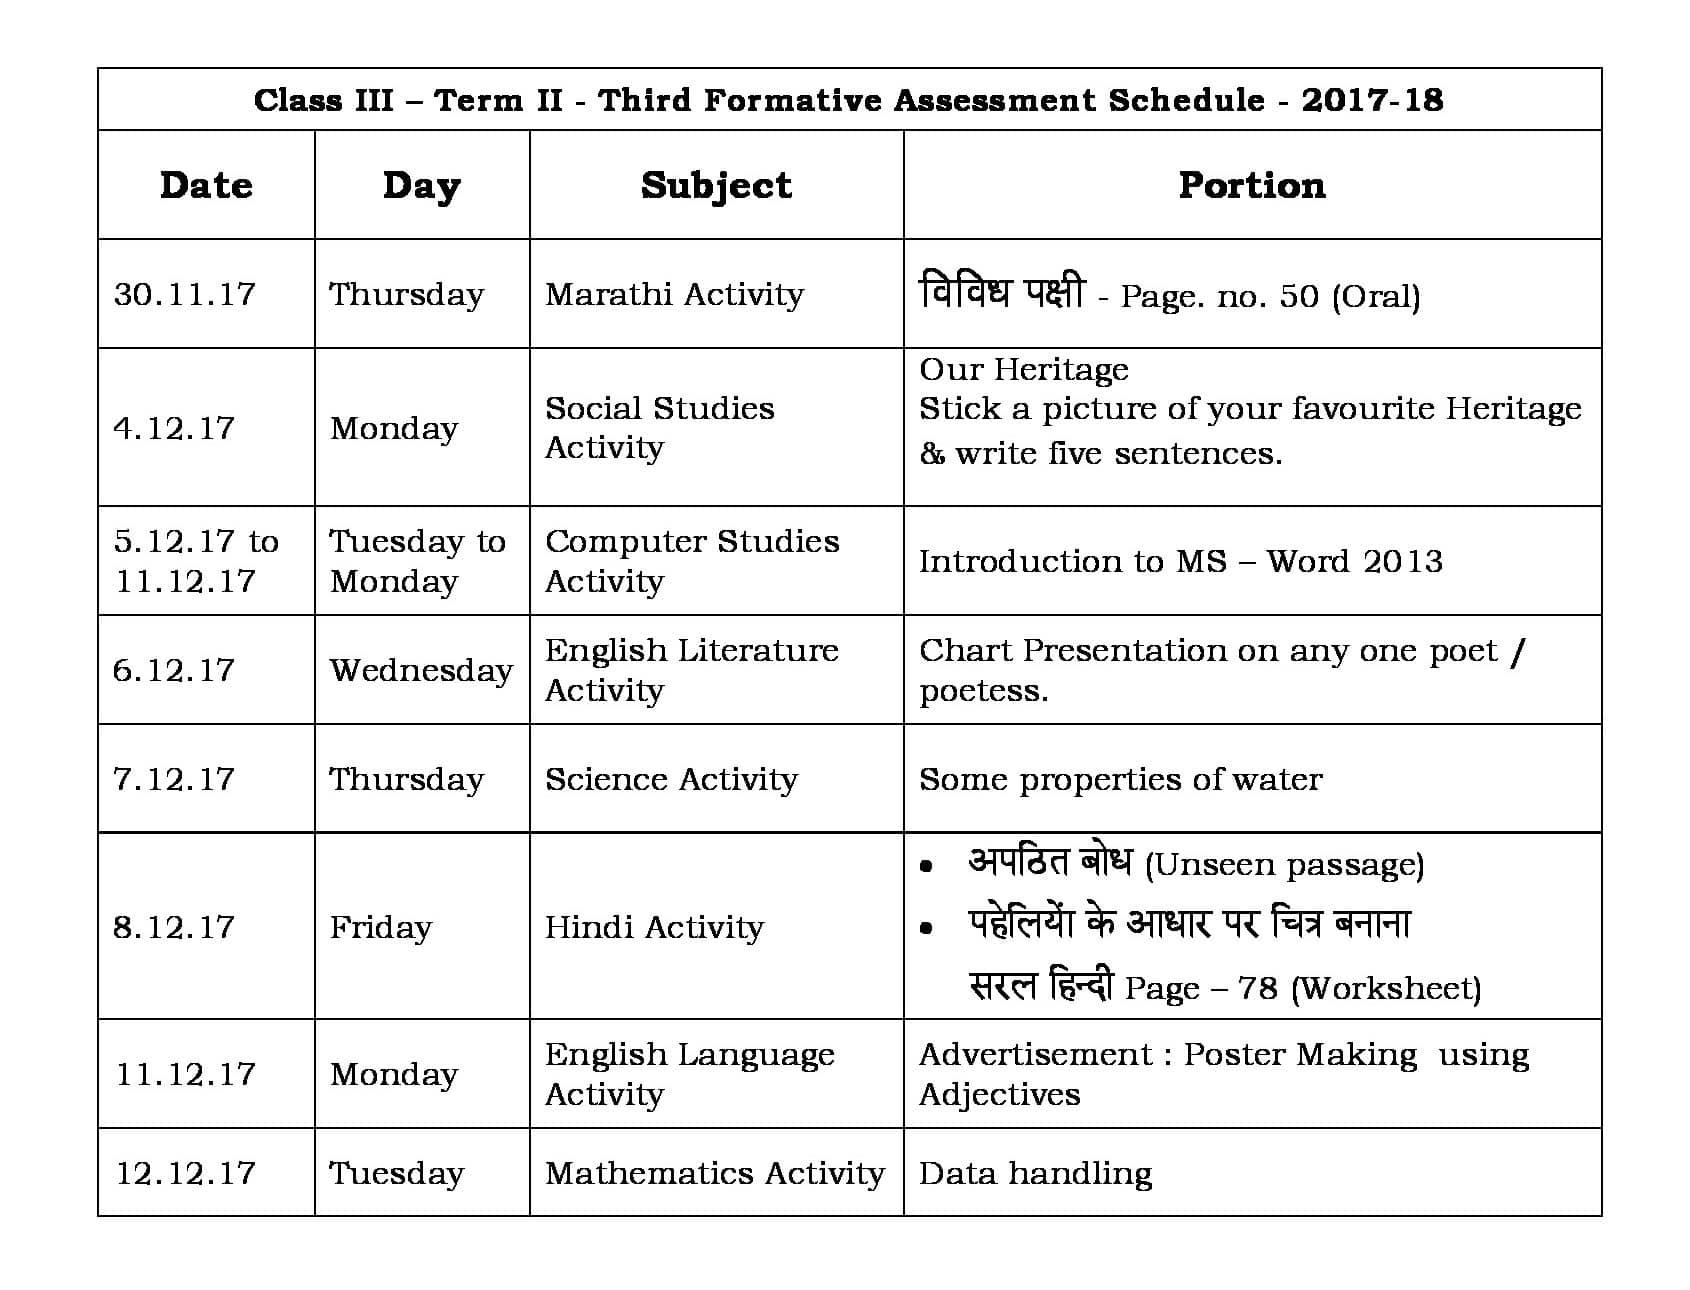 Class 3 Term II – Third Formative Assessment Schedule 2017